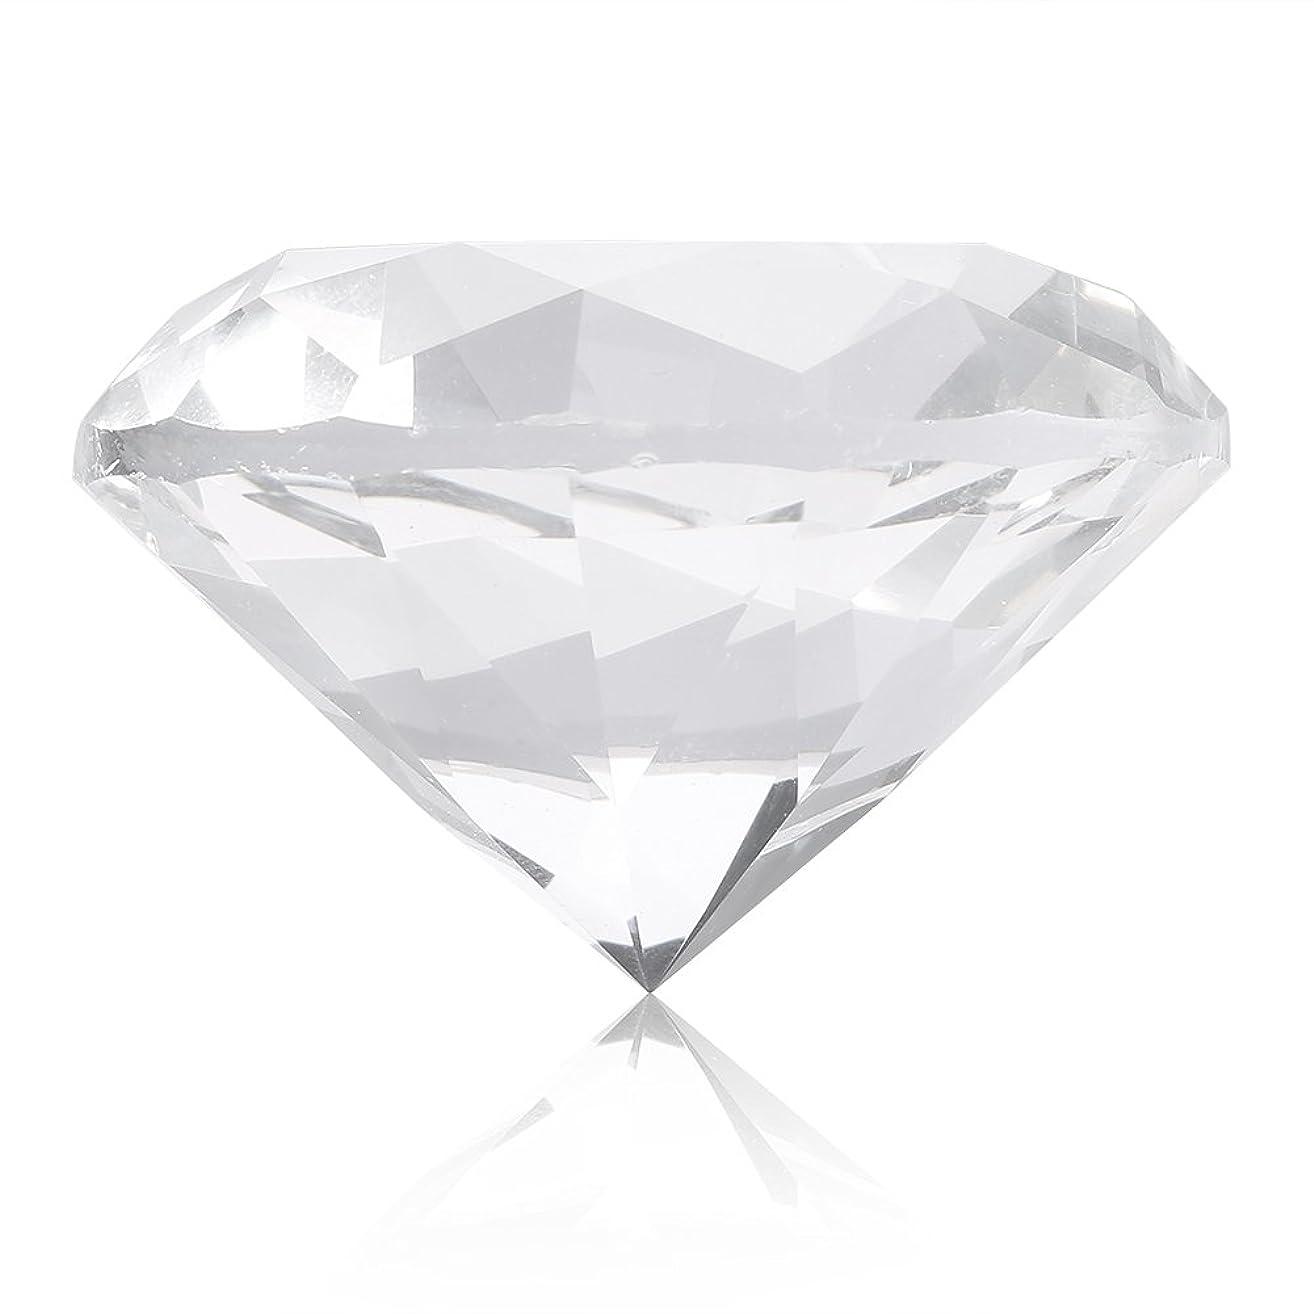 食欲本当のことを言うと縫うネイルチップスタンド ネイルチップホルダー スタンドベース ネイルアートディスプレイガラスクリスタルダイヤモンドハンドモデルシュート (白)